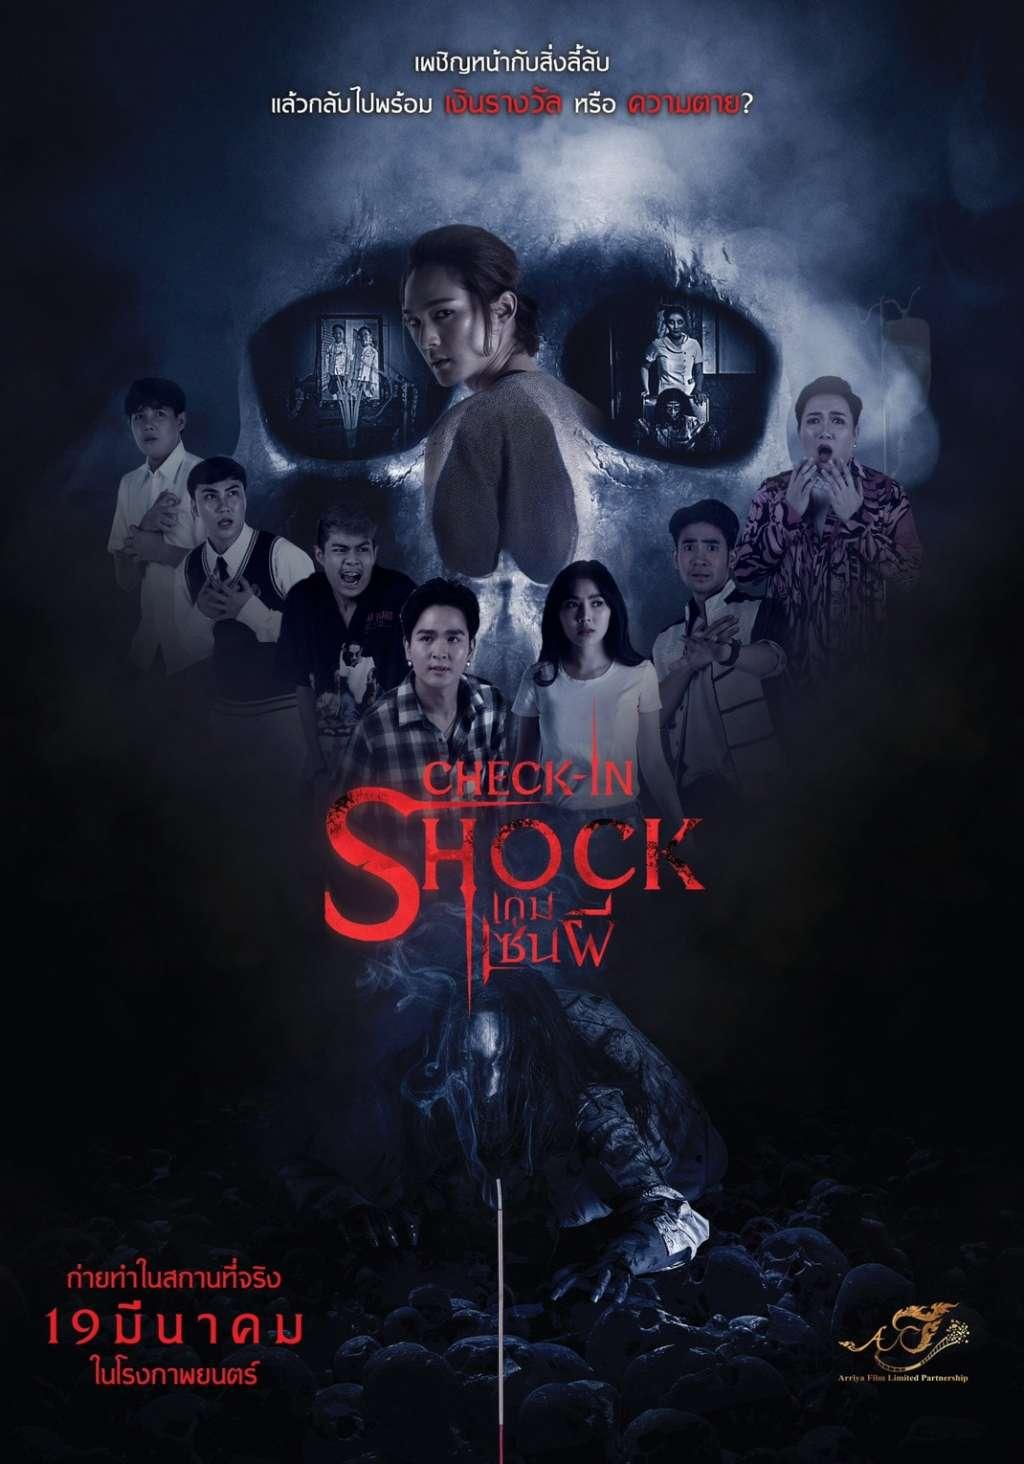 Check In Shock kapak